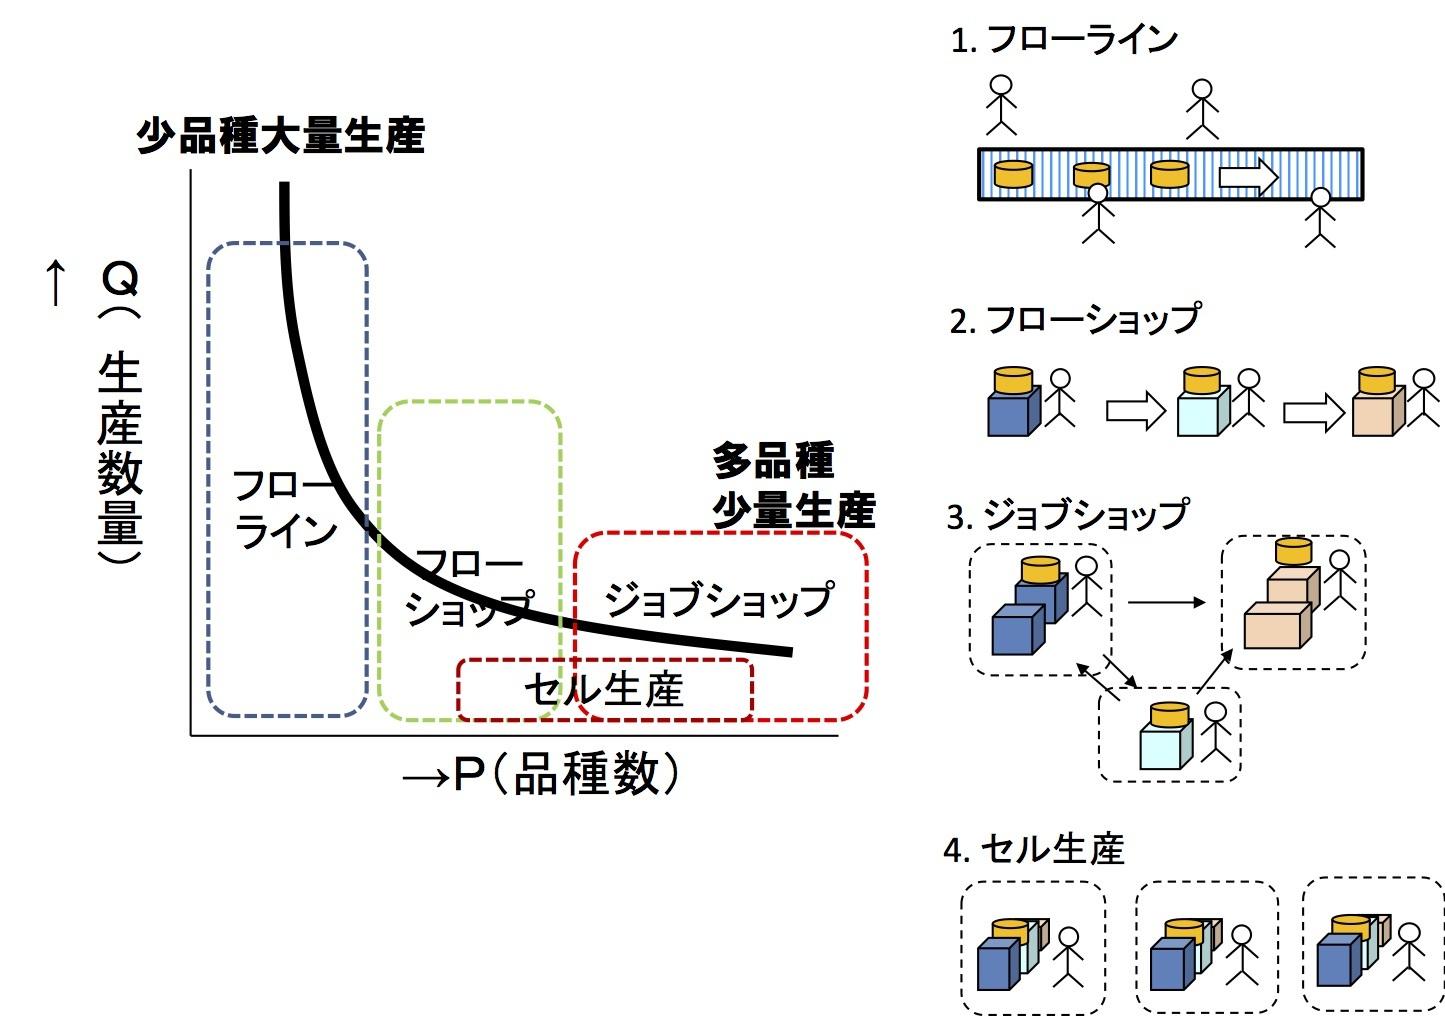 ライン、ショップ、セル 〜 生産方式を理解する_e0058447_13244374.jpg